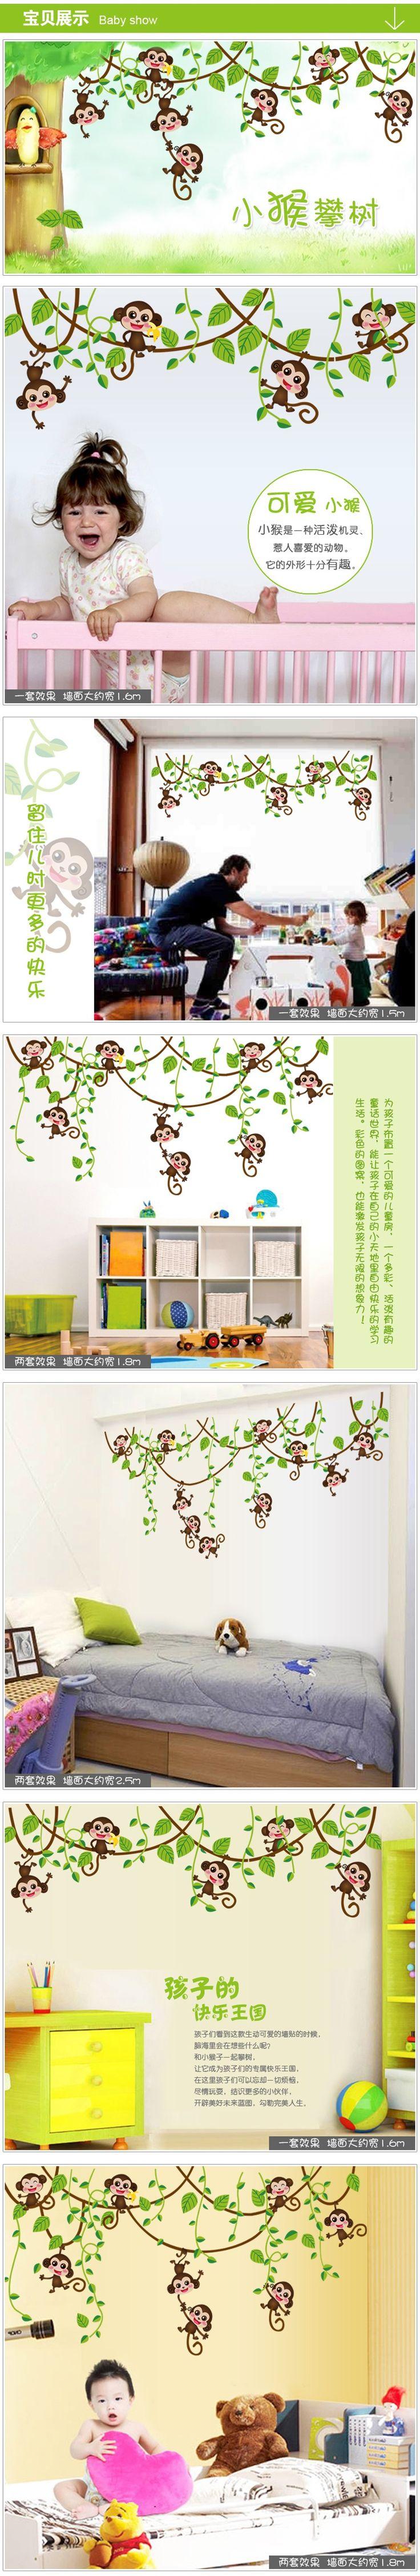 New Monkey Tree Jungle zvířat samolepky na zeď Mateřské Dětský pokoj pro děti umění obrazy na stěnu dekor-in samolepky na zeď z Dům a zahrada o Aliexpress.com | Alibaba Group